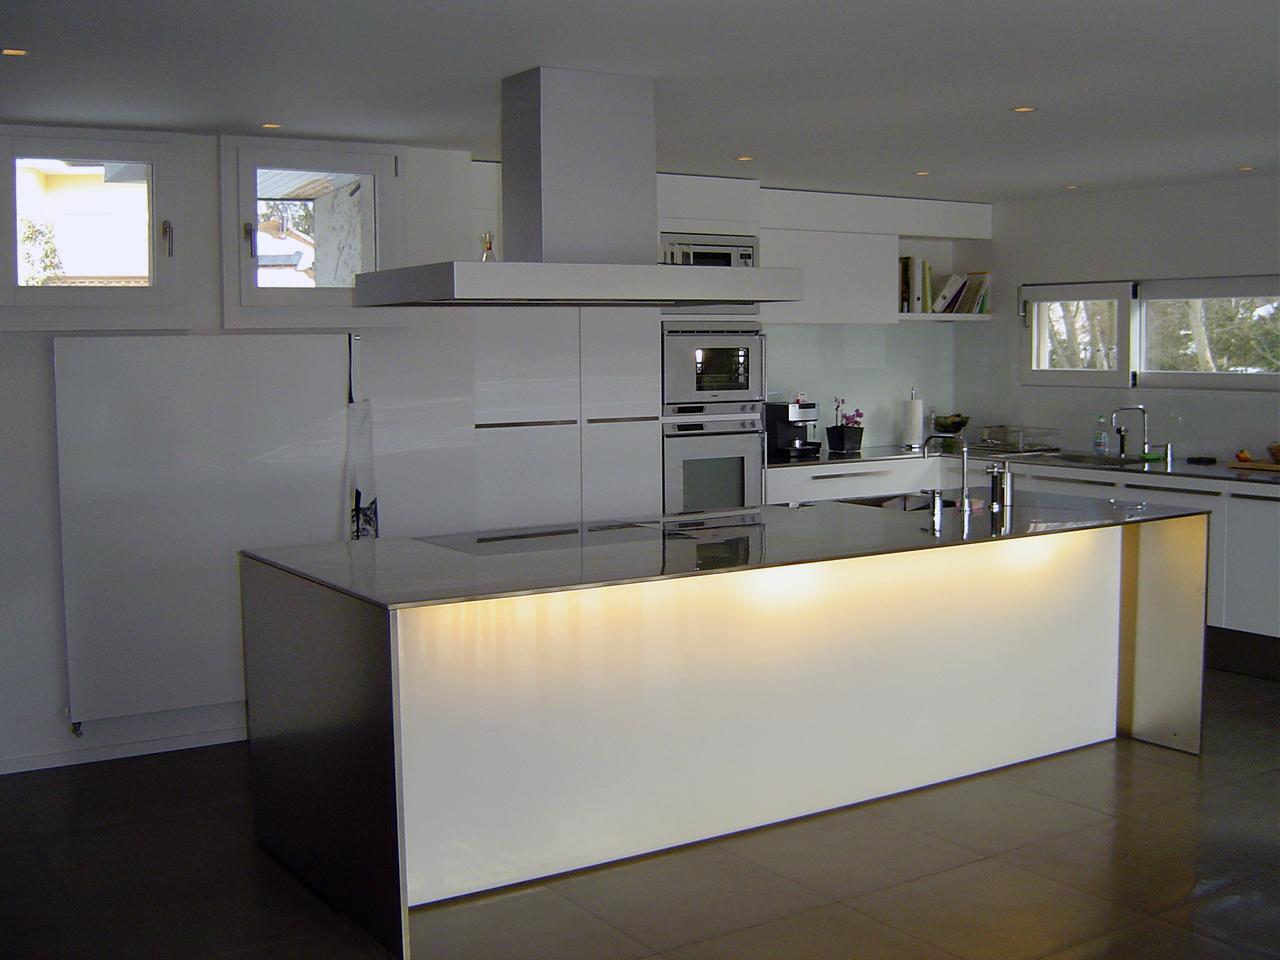 cucina completa con elettrodomestici color panna con illuminazione banco